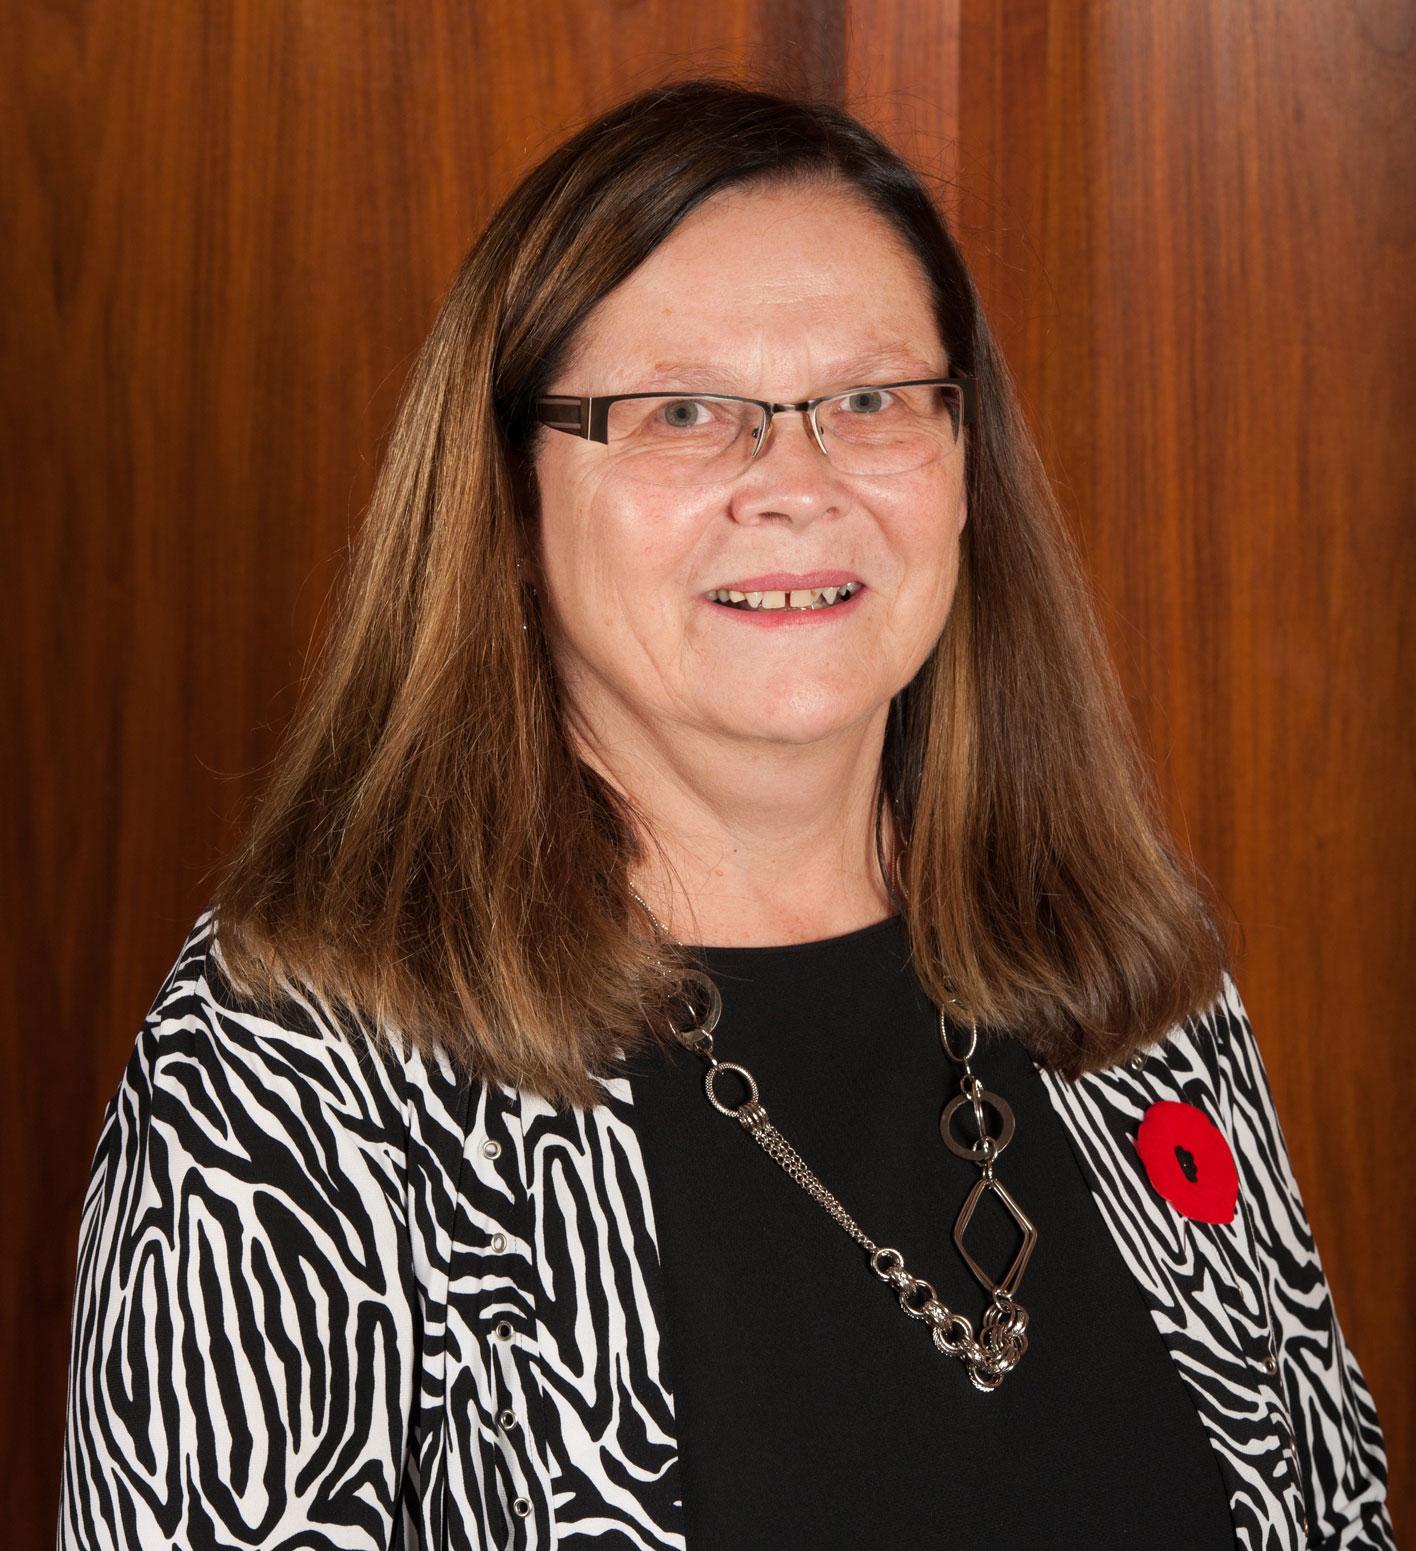 Mayor Debbie Fiebelkorn